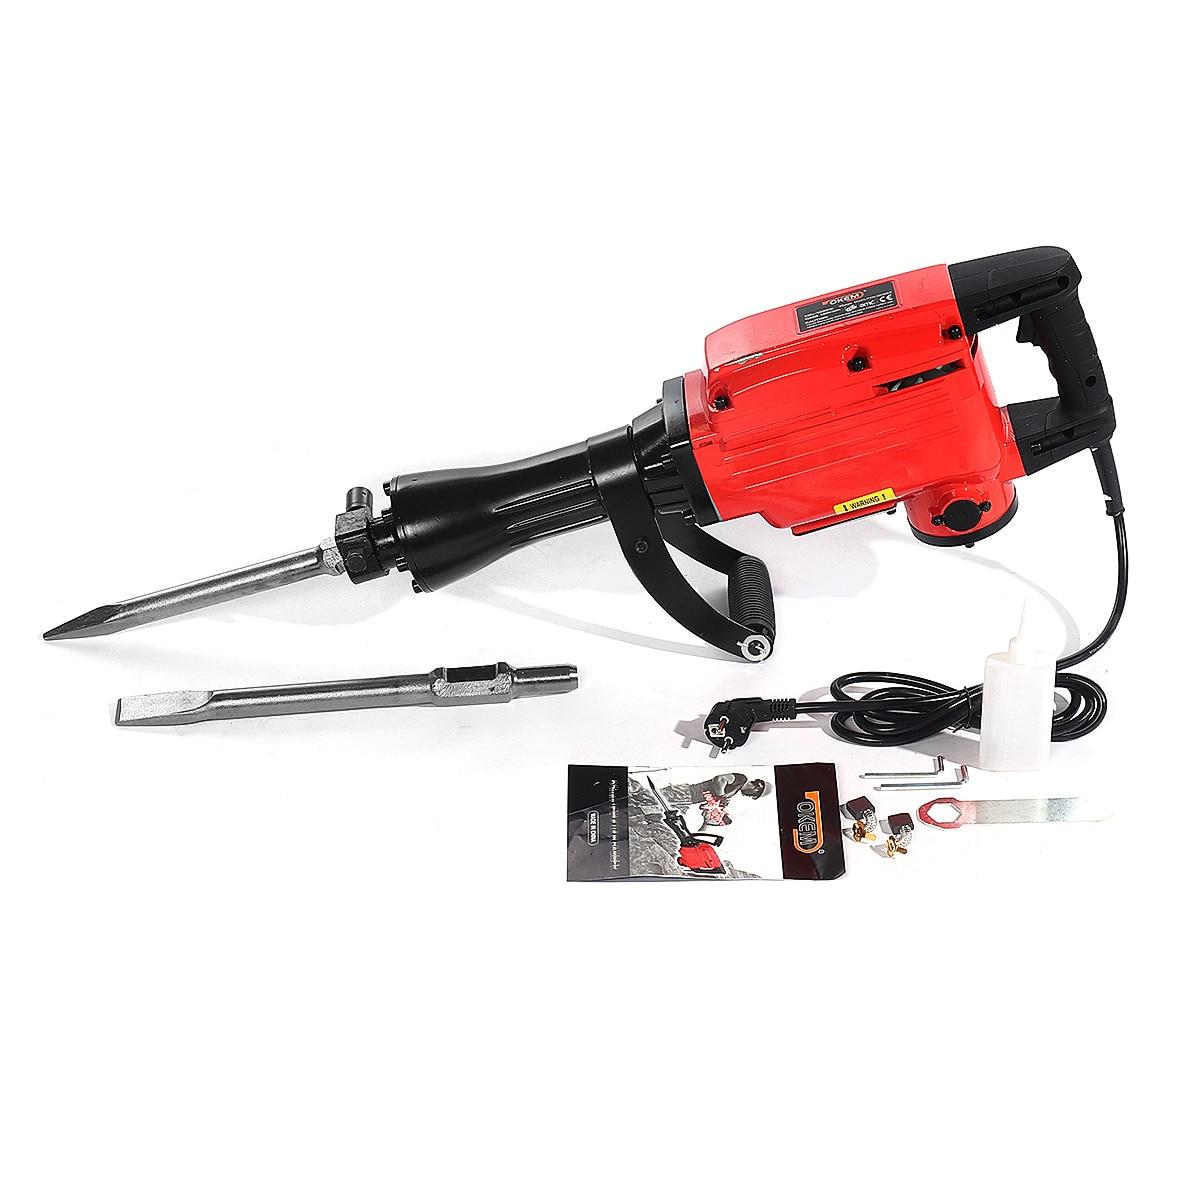 2200W 220V Jackhammer Commercial Grade Demolition Pickaxe Jack Hammer Concrete Drill Demolition Electric Pick